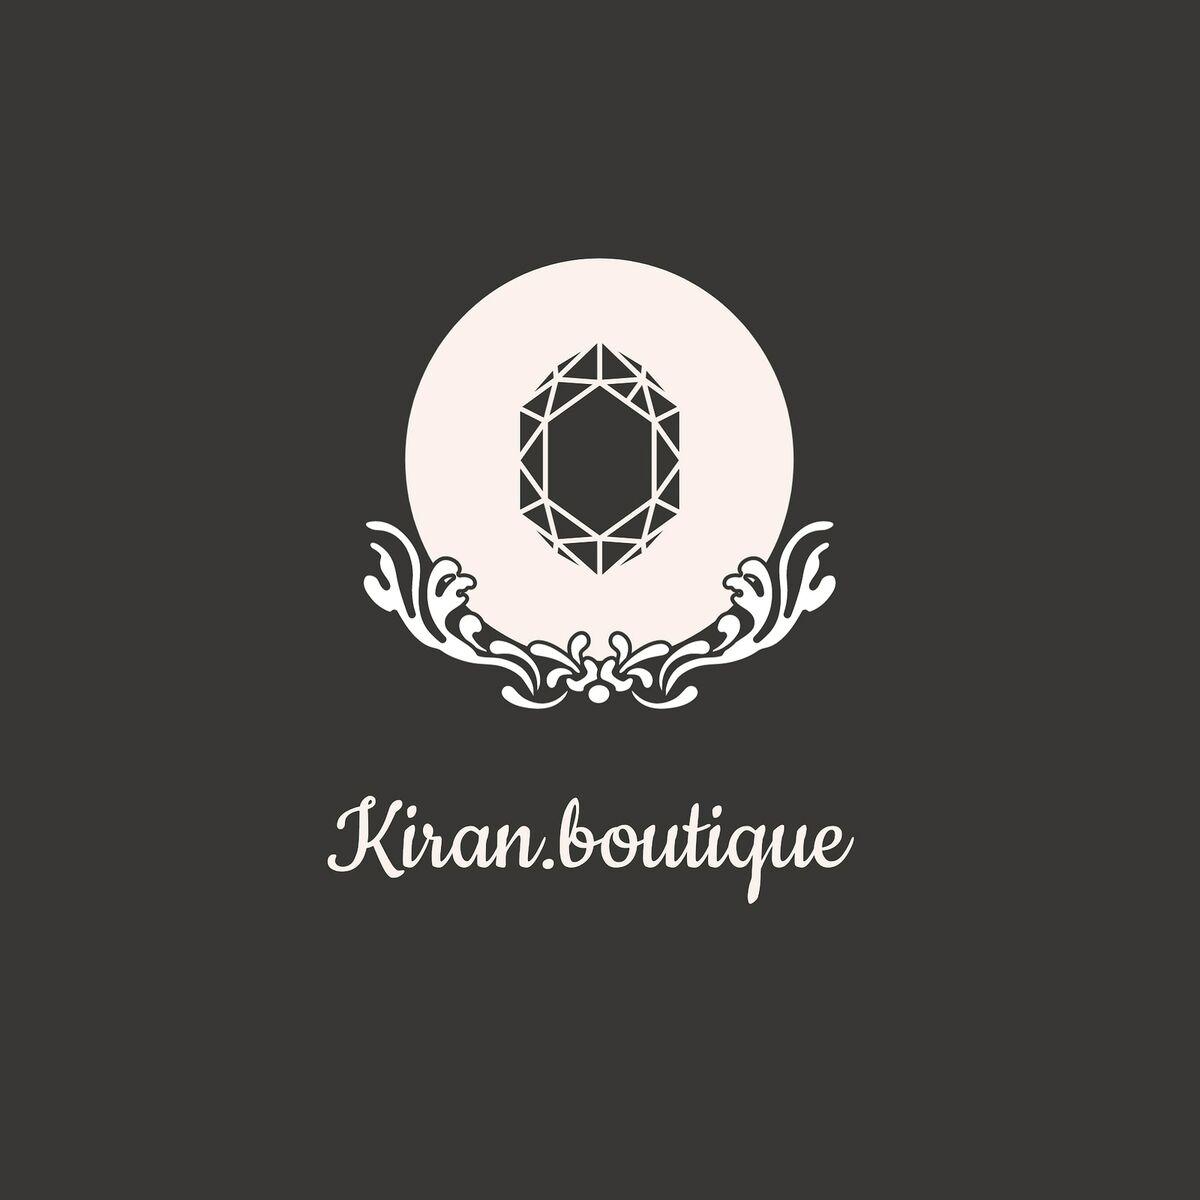 kiranboutique